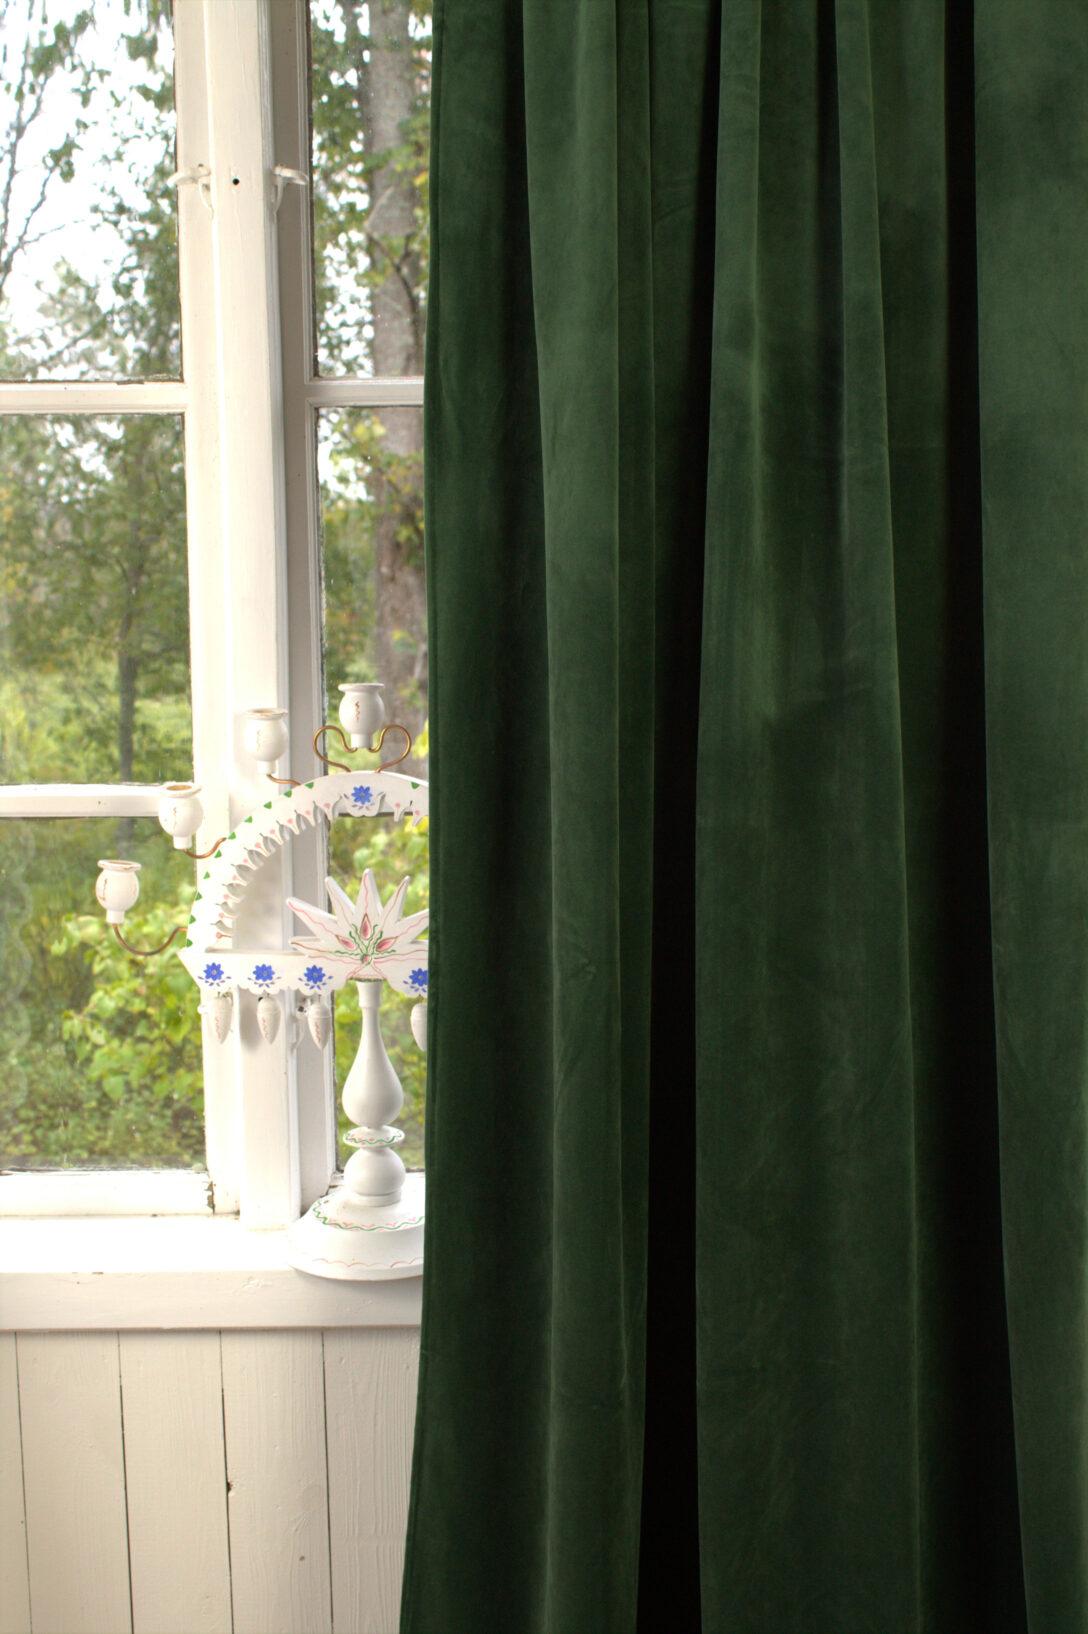 Large Size of Vorhang Gabriella Samt Tannen Grn 140x280 Cm 2 Stck Blickdicht Gardinen Für Küche Die Fenster Scheibengardinen Schlafzimmer Wohnzimmer Wohnzimmer Blickdichte Gardinen